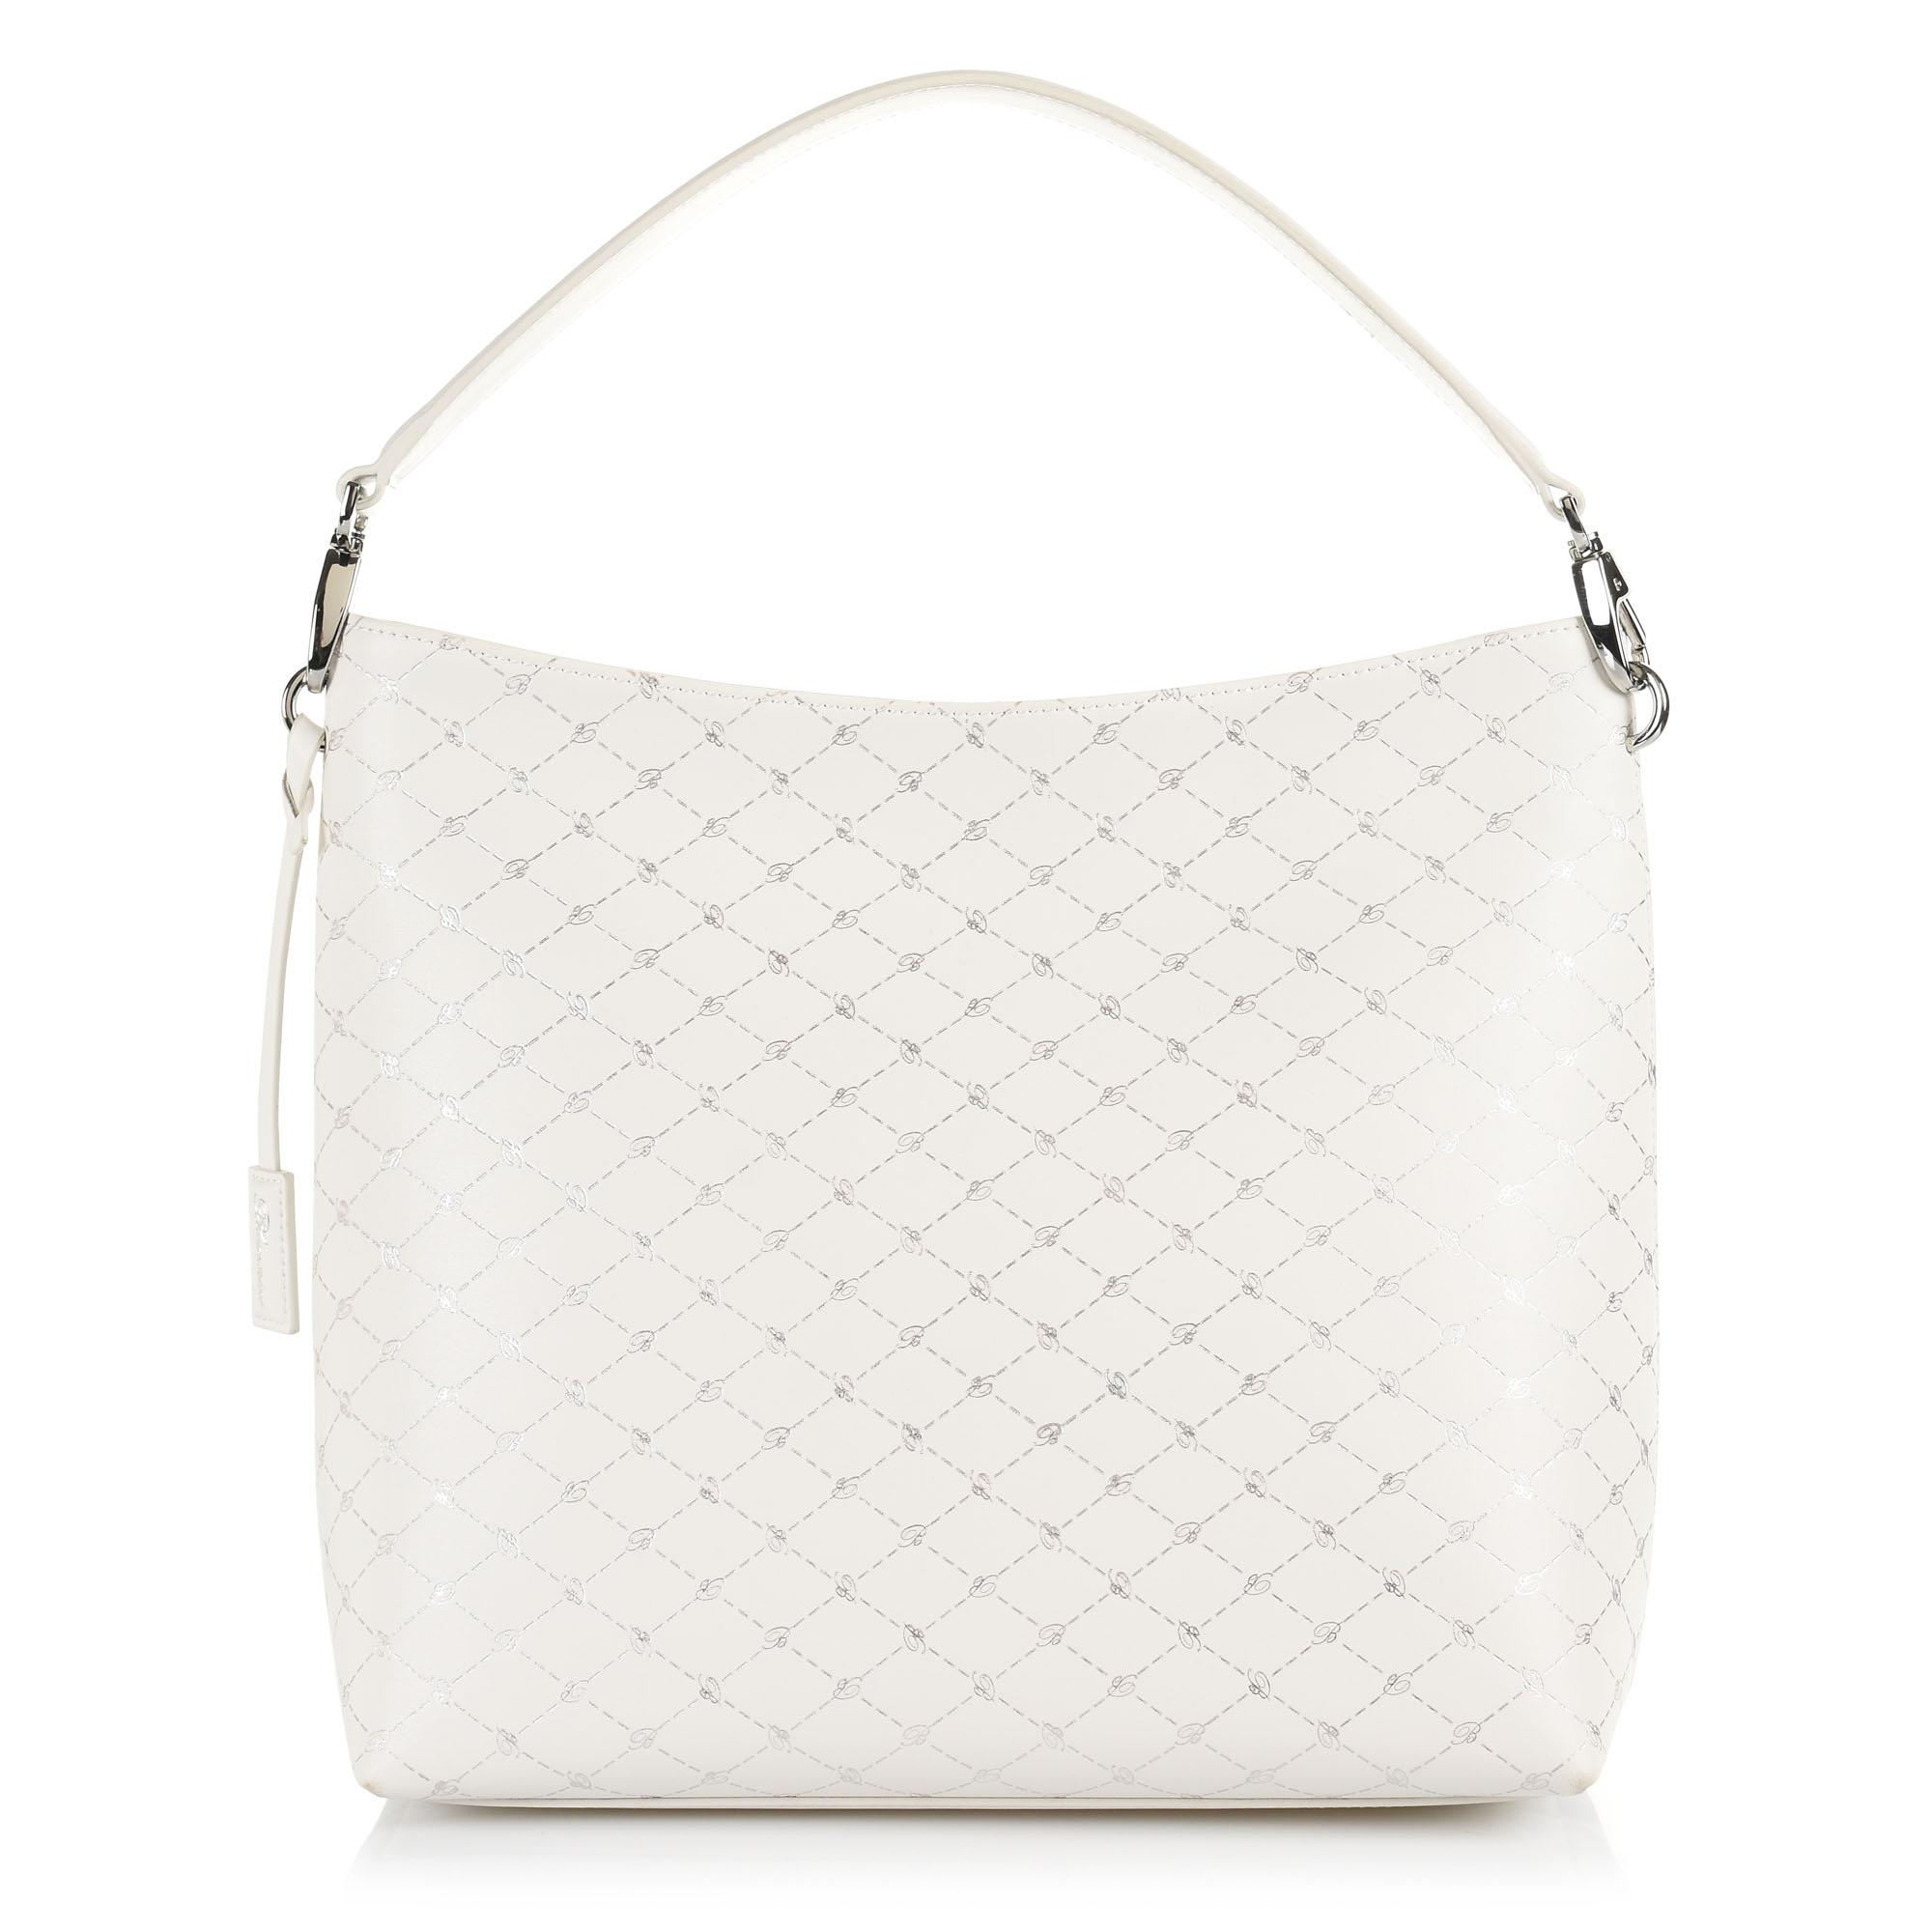 Δερμάτινη Τσάντα Ώμου Blumarine B Obsession B30.010